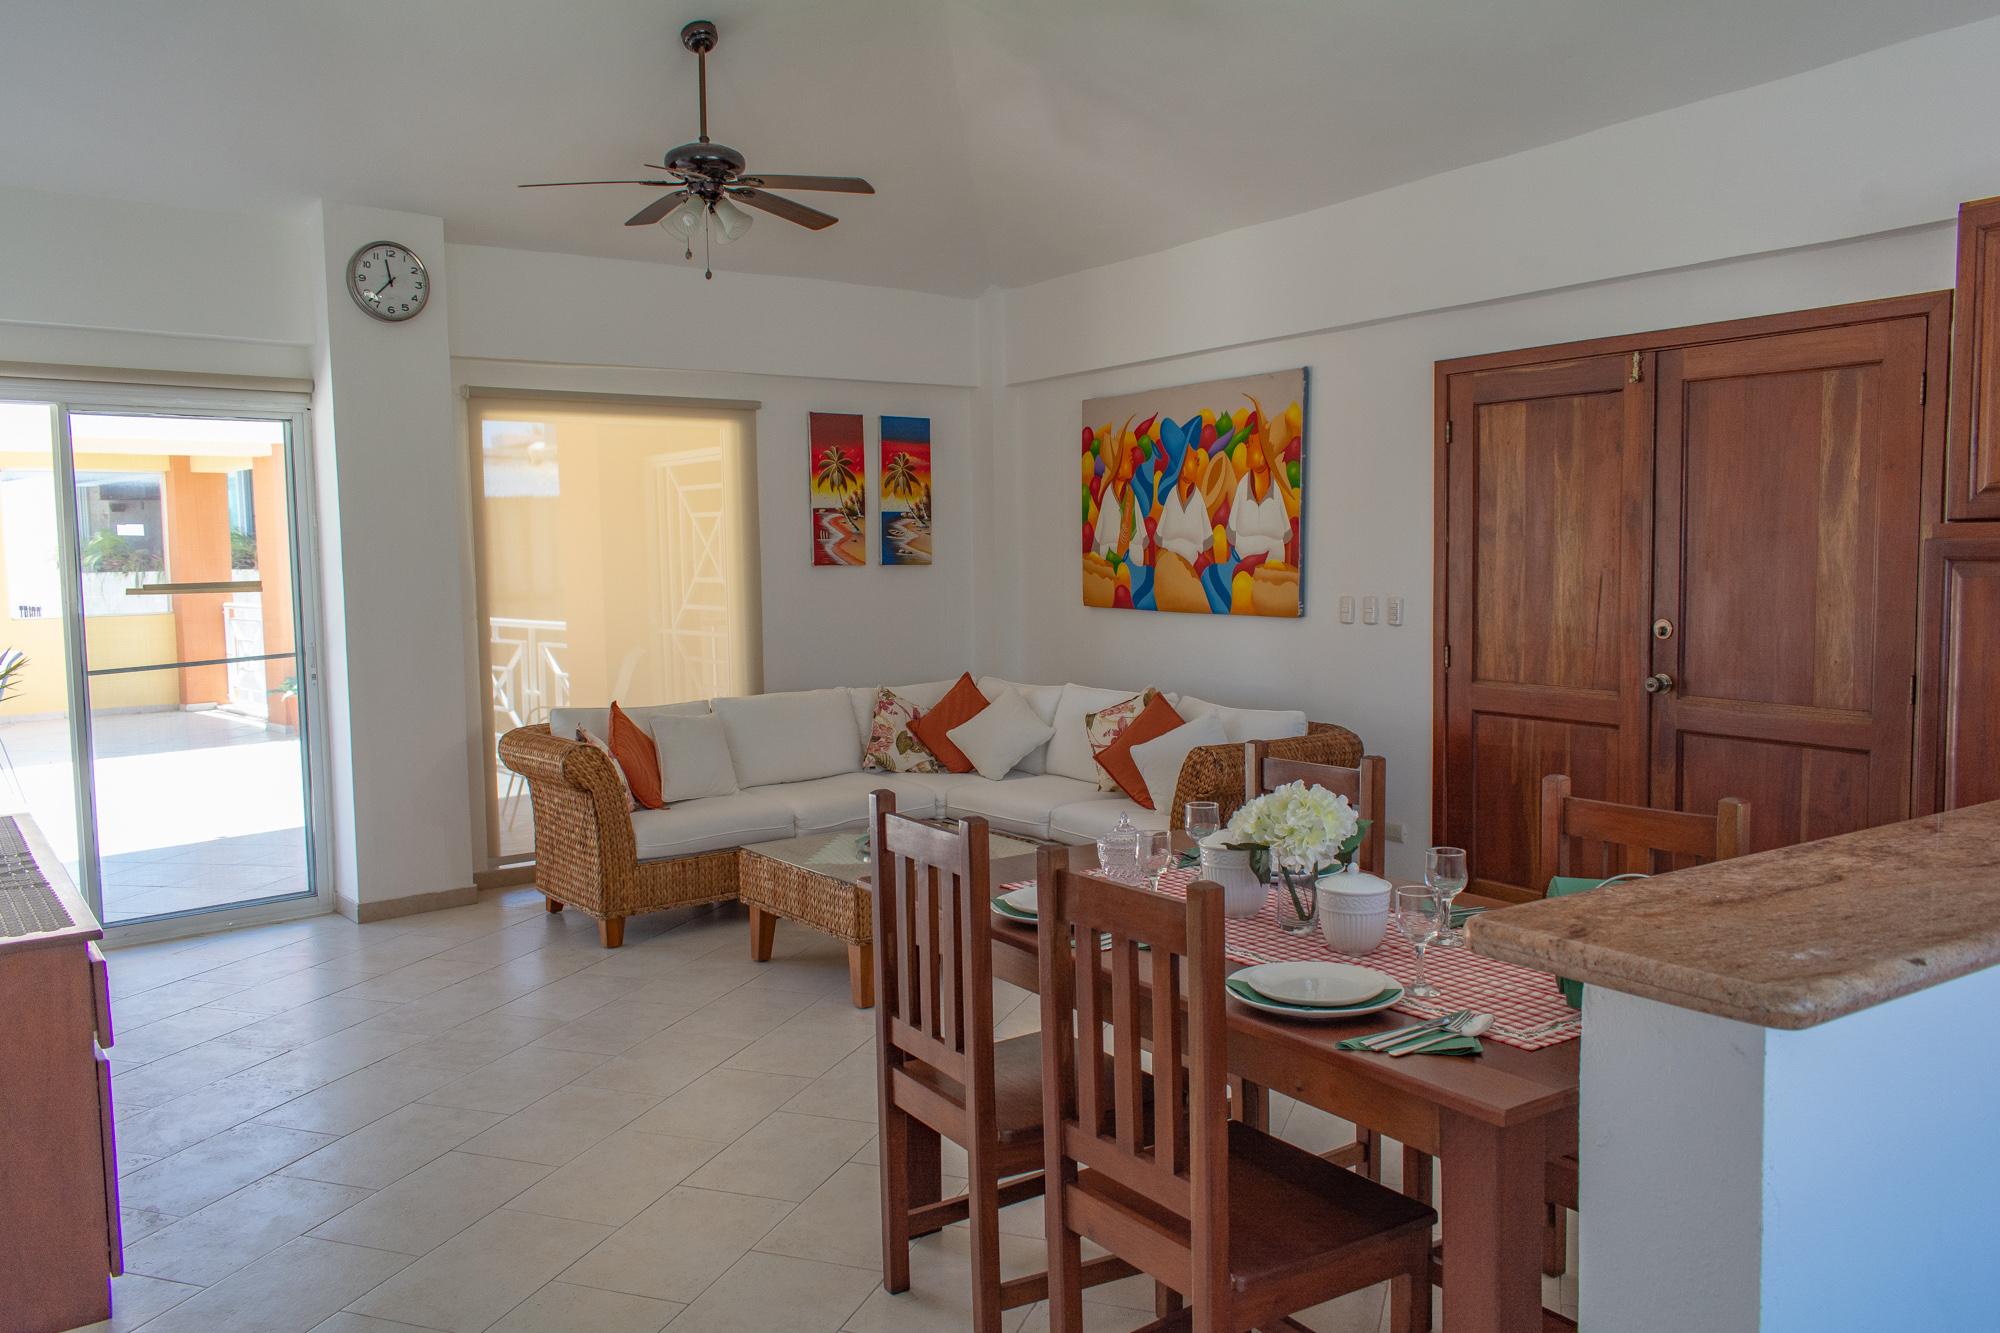 2 bedrooms apartment in El Dorado with rooftop (311B-EL)